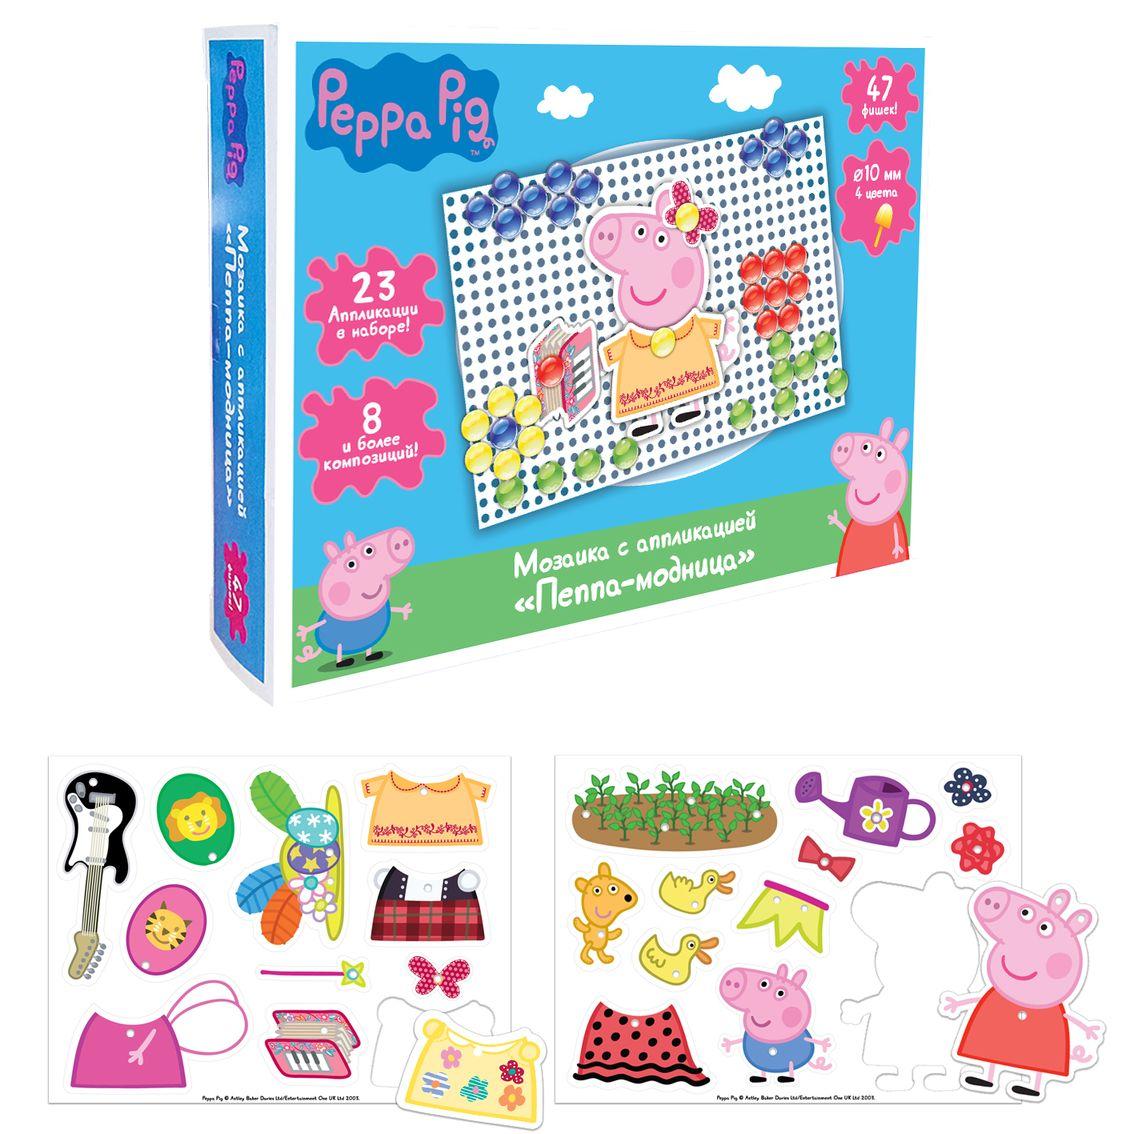 Мозаика с аппликацией Пеппа-модница из серии Свинка ПеппаСвинка Пеппа (Peppa Pig )<br>Мозаика с аппликацией Пеппа-модница из серии Свинка Пеппа<br>